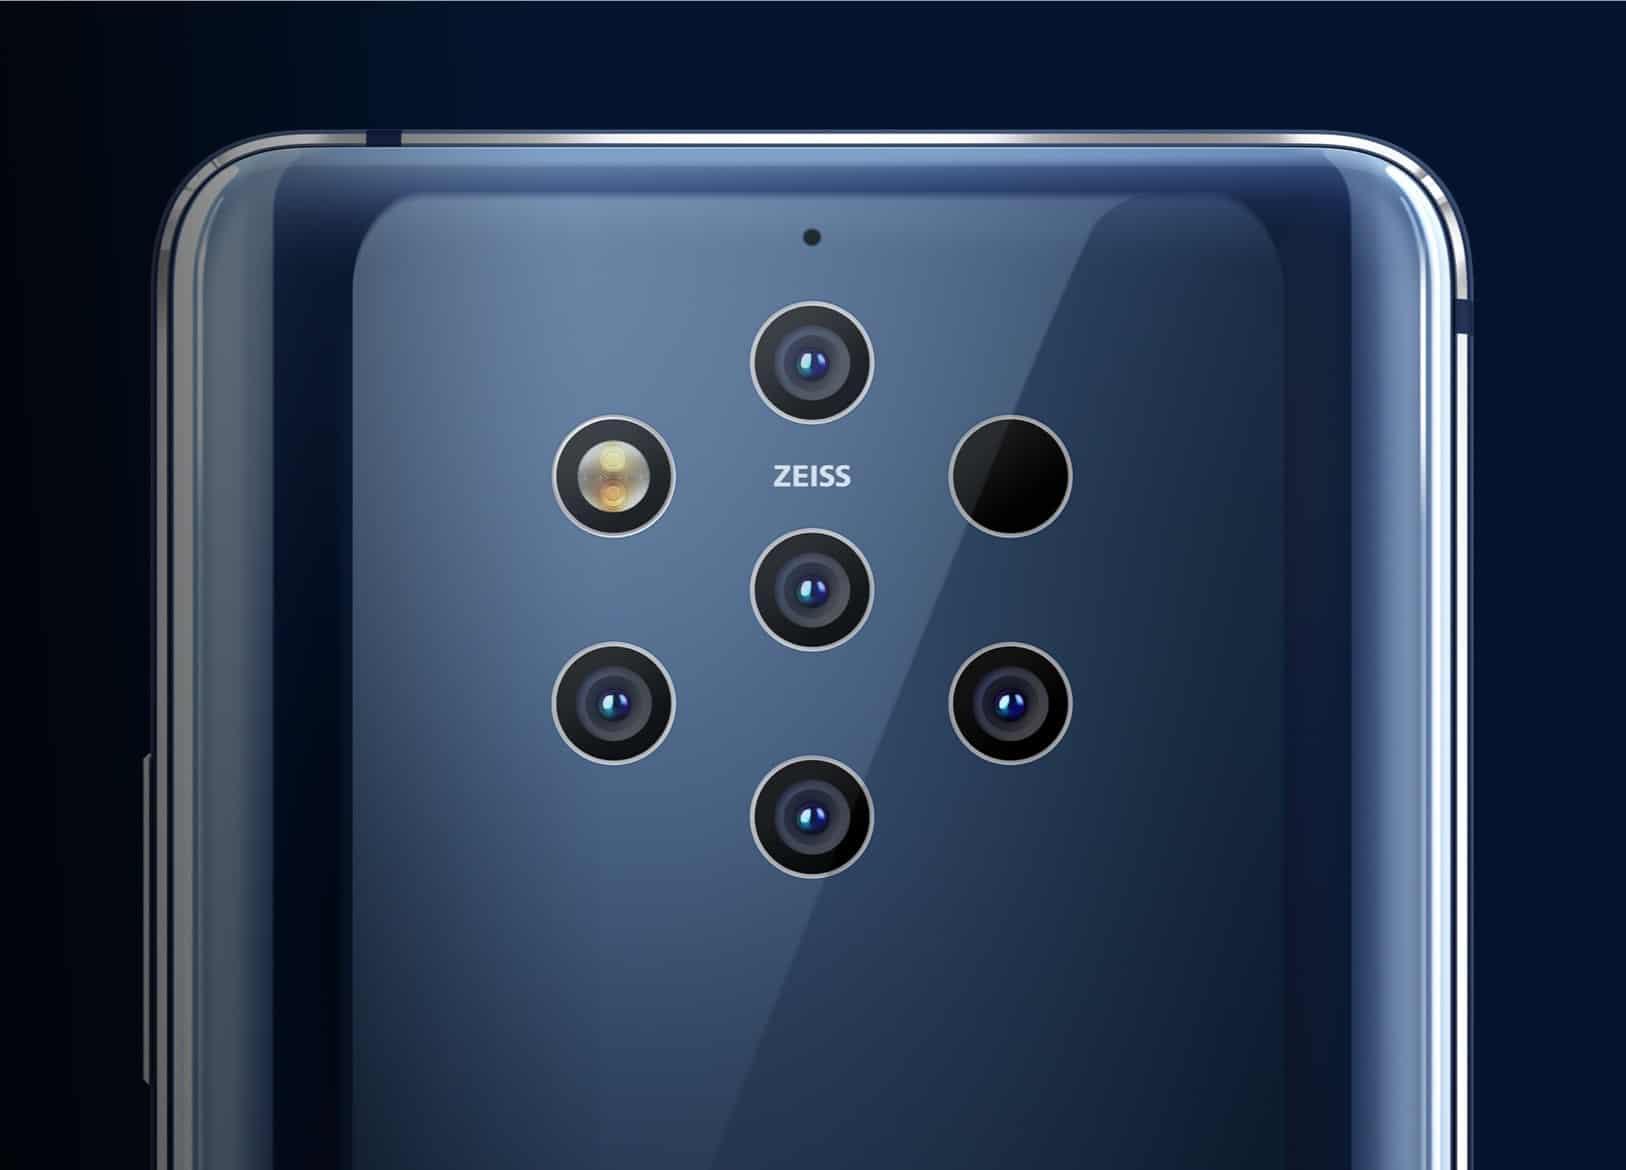 câmeras nos smartphones